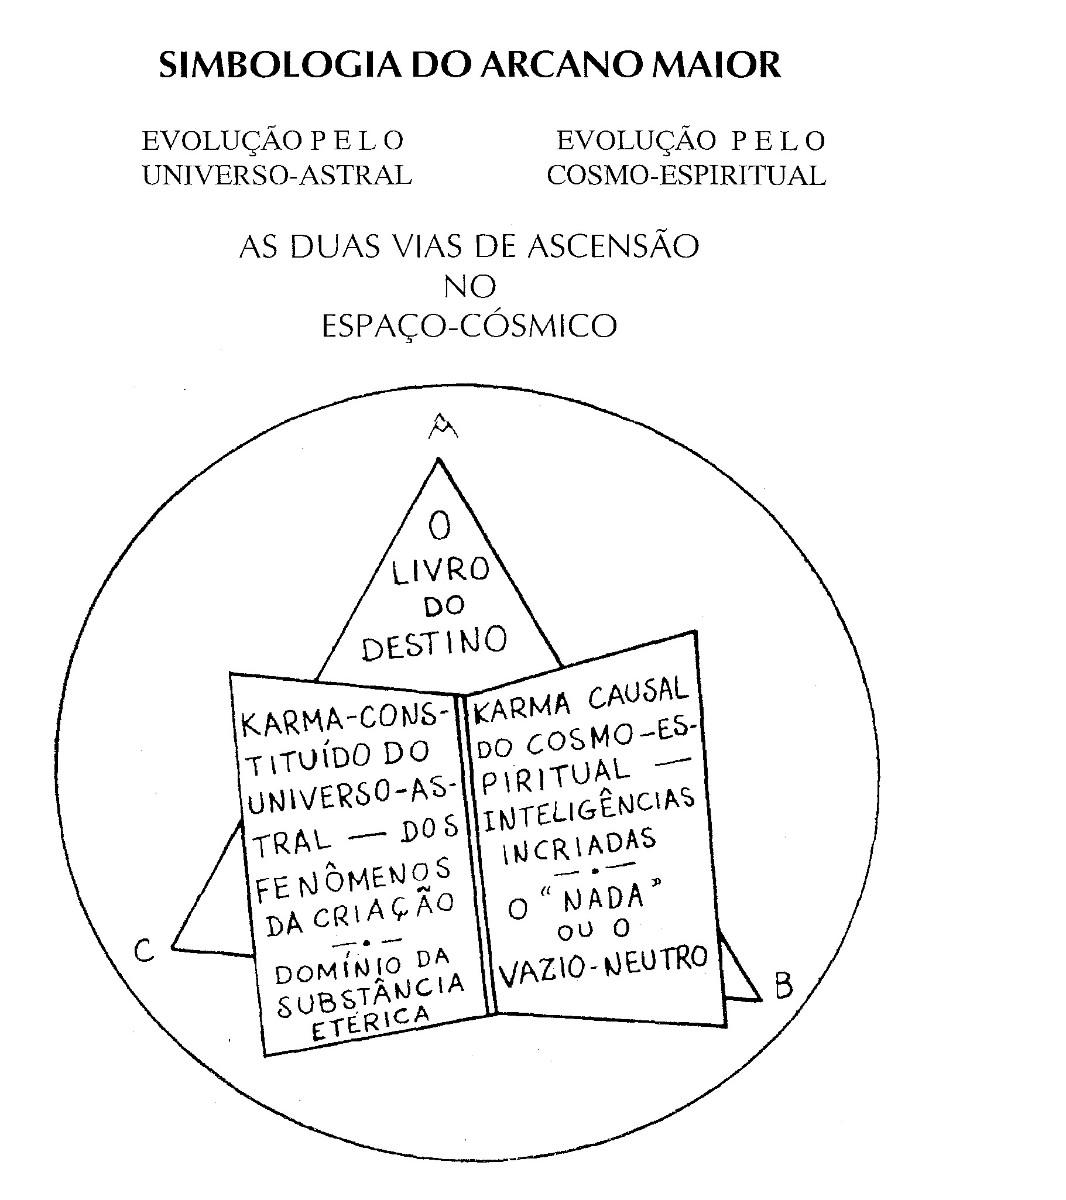 http://images.comunidades.net/umb/umbandadobrasil/arcano_1.jpg